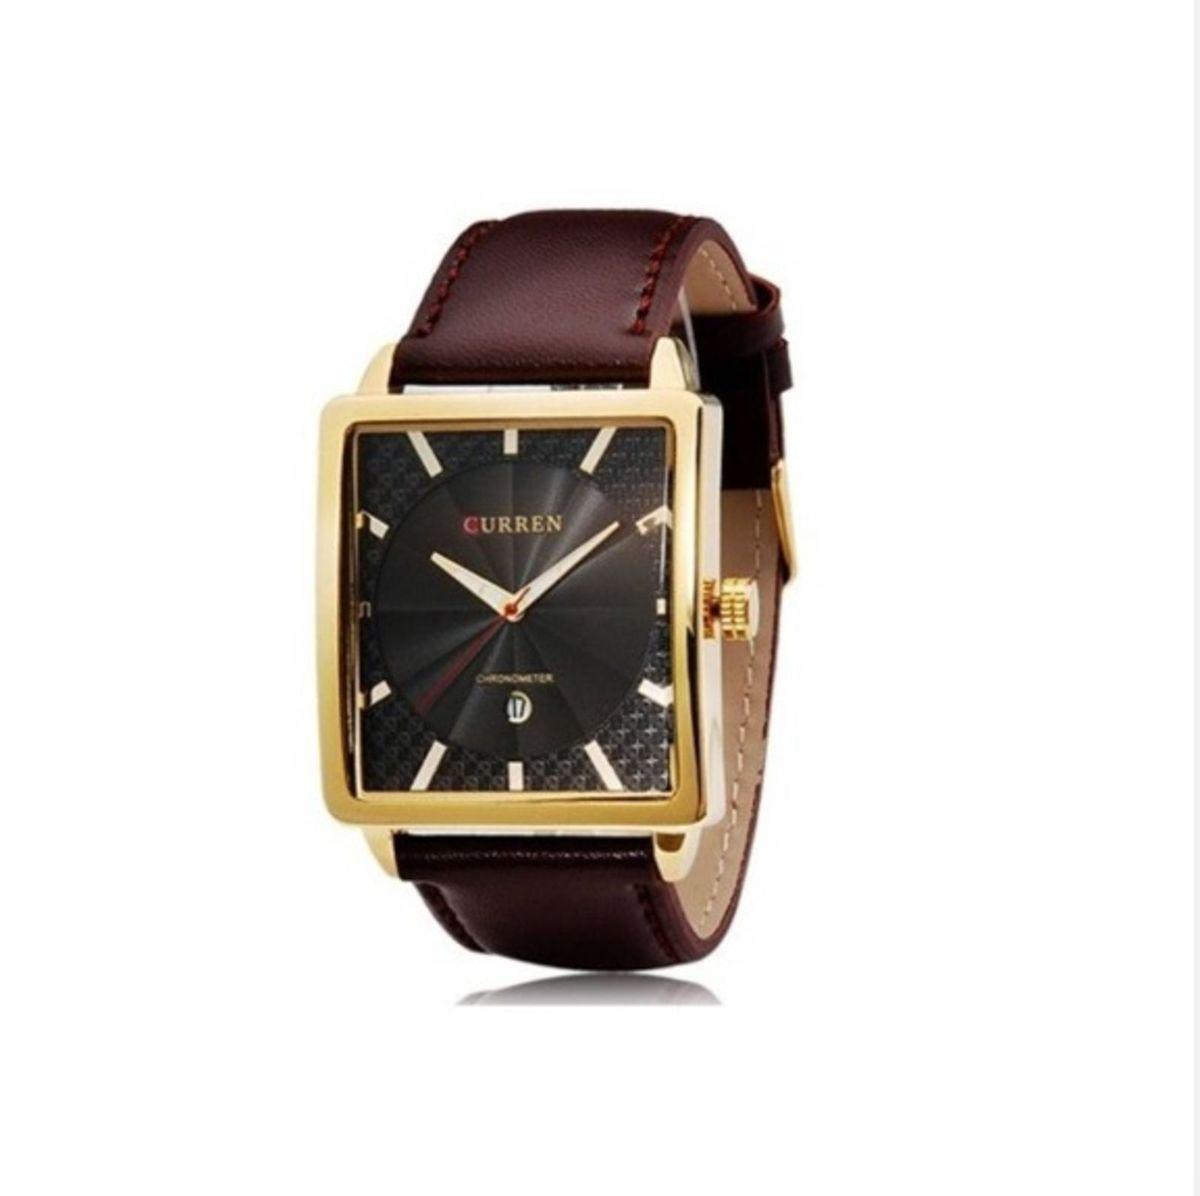 relógio retangular curren masculino quadrado grande dourado - relógios sem  marca 2b9d72fbdc